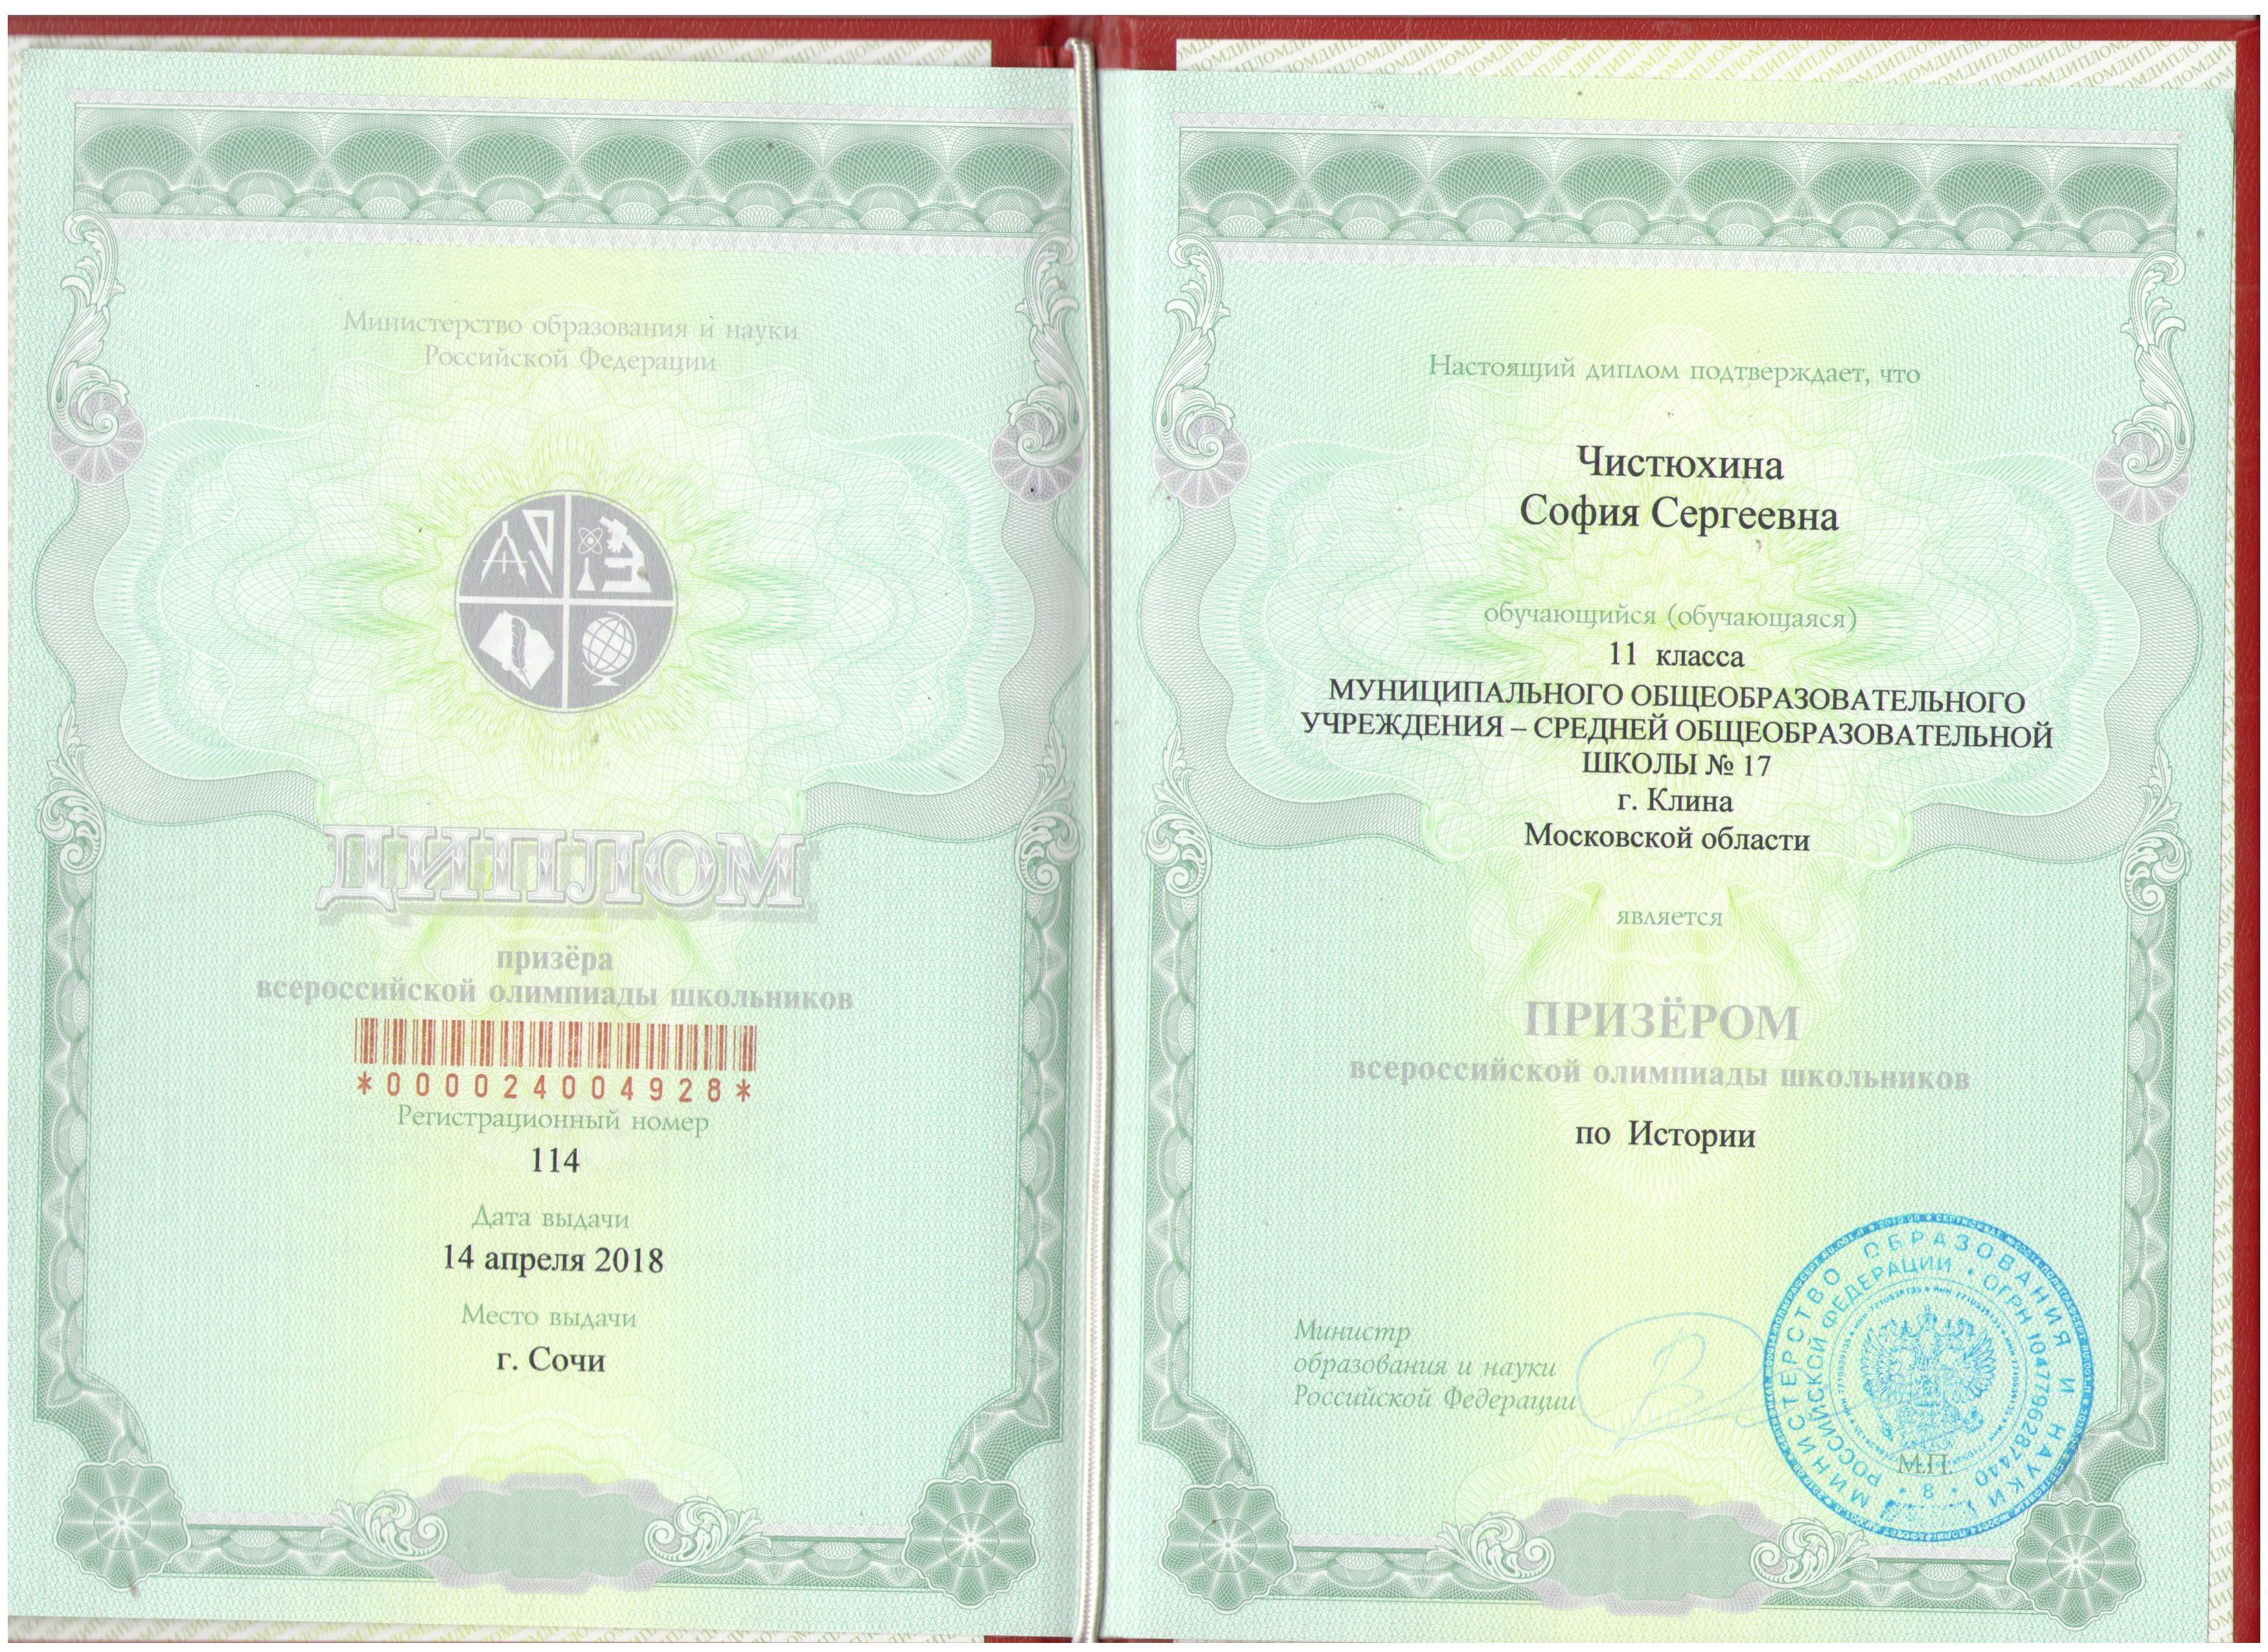 Диплом Чистюхина София